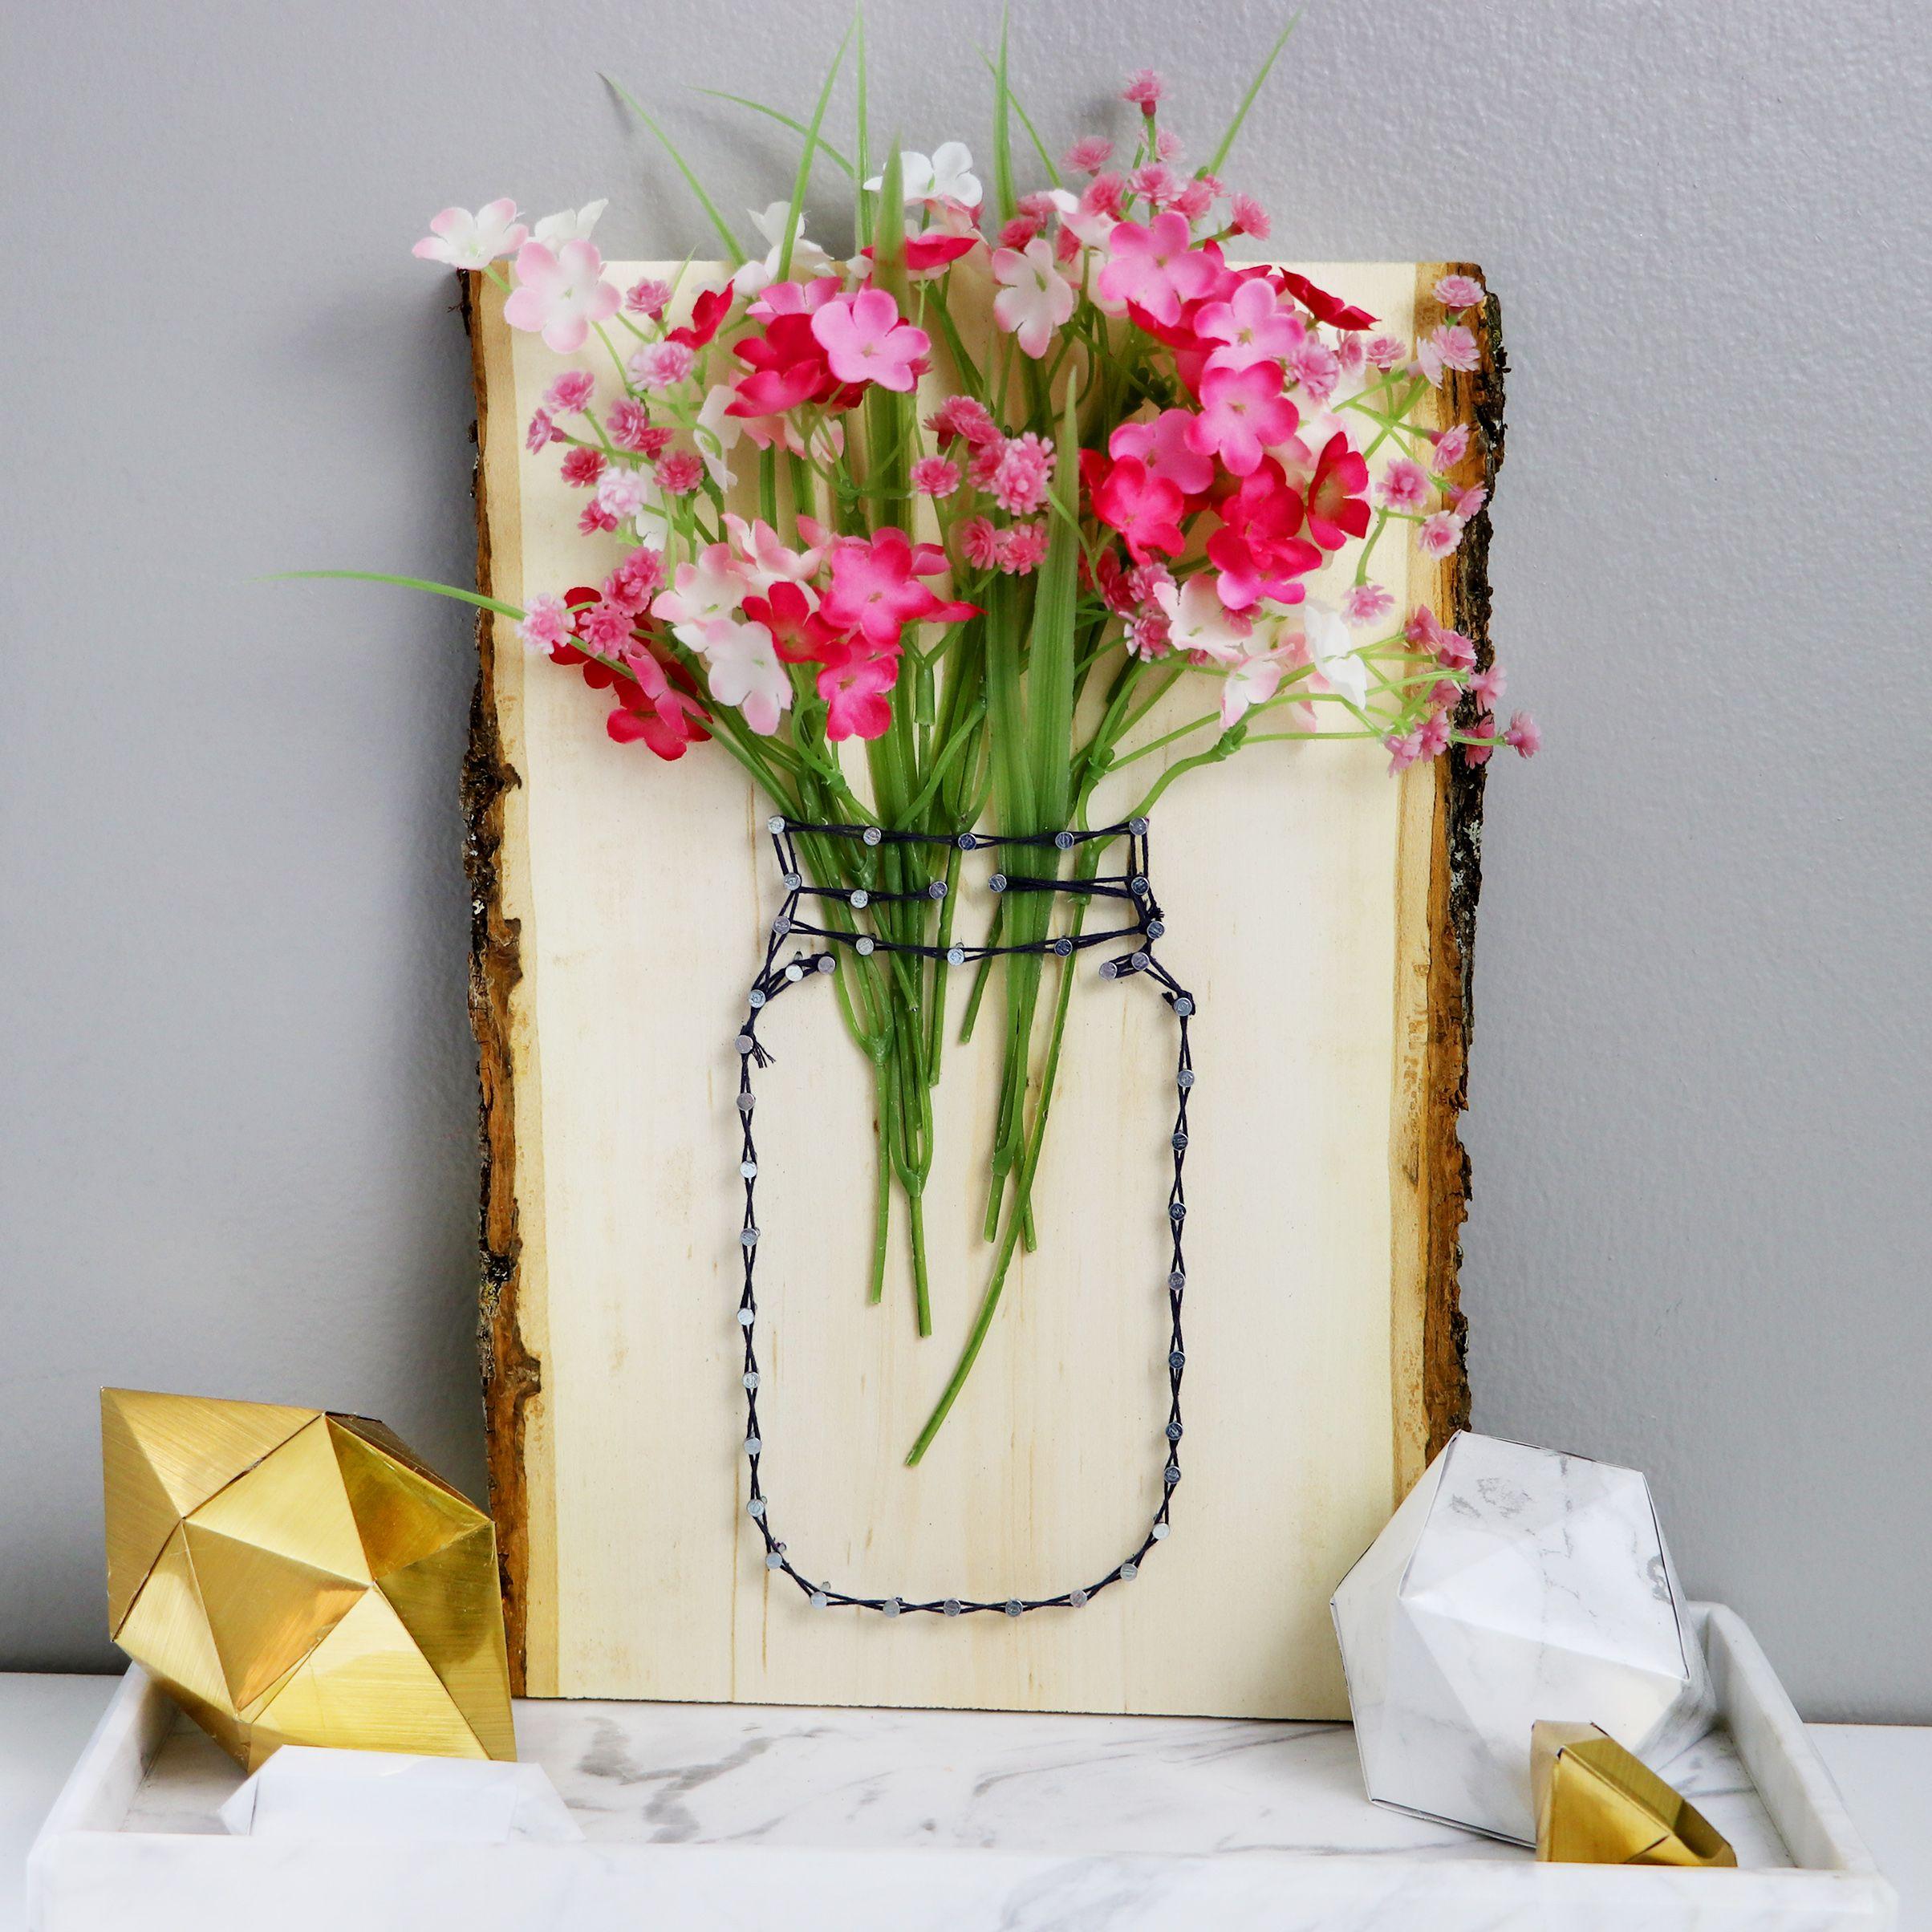 Diy string art mason jar vases karen kavett diy projects by diy string art mason jar vases karen kavett reviewsmspy